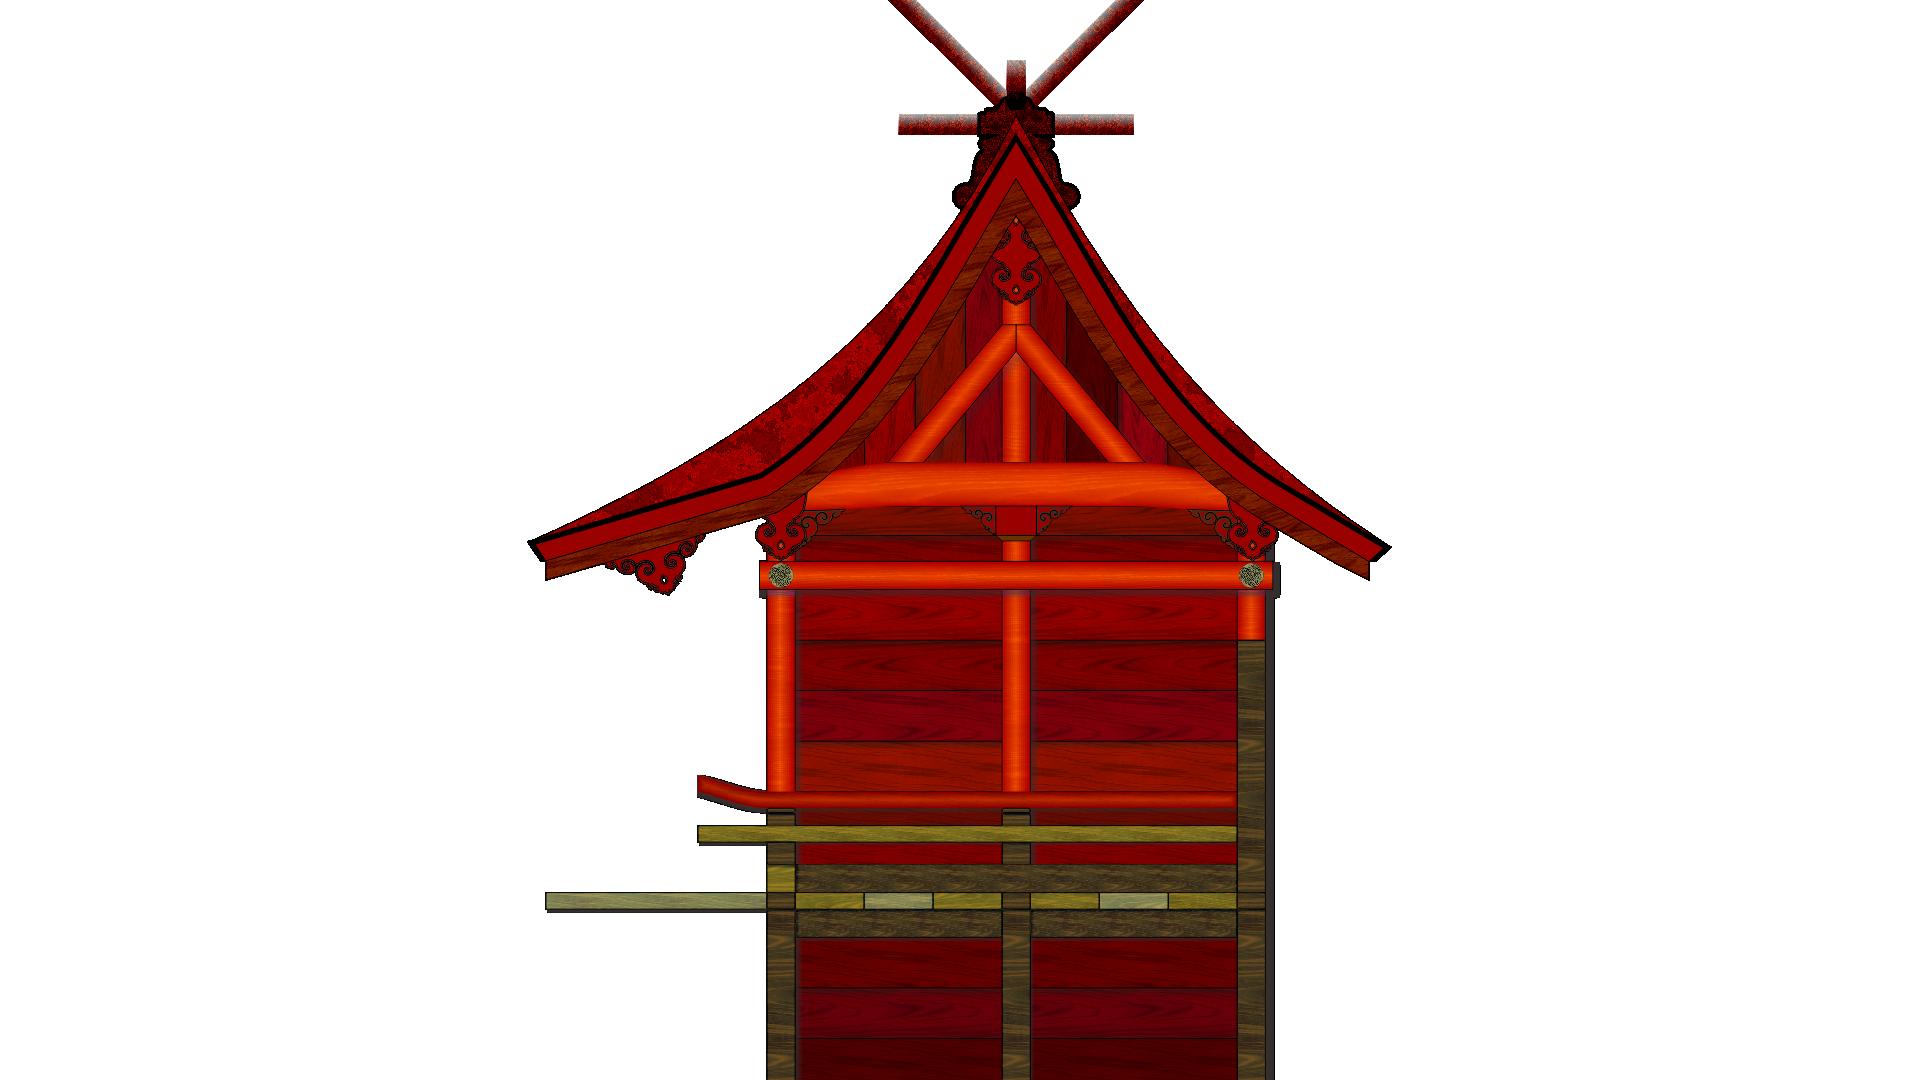 氷川女体神社 本殿 イラスト画像